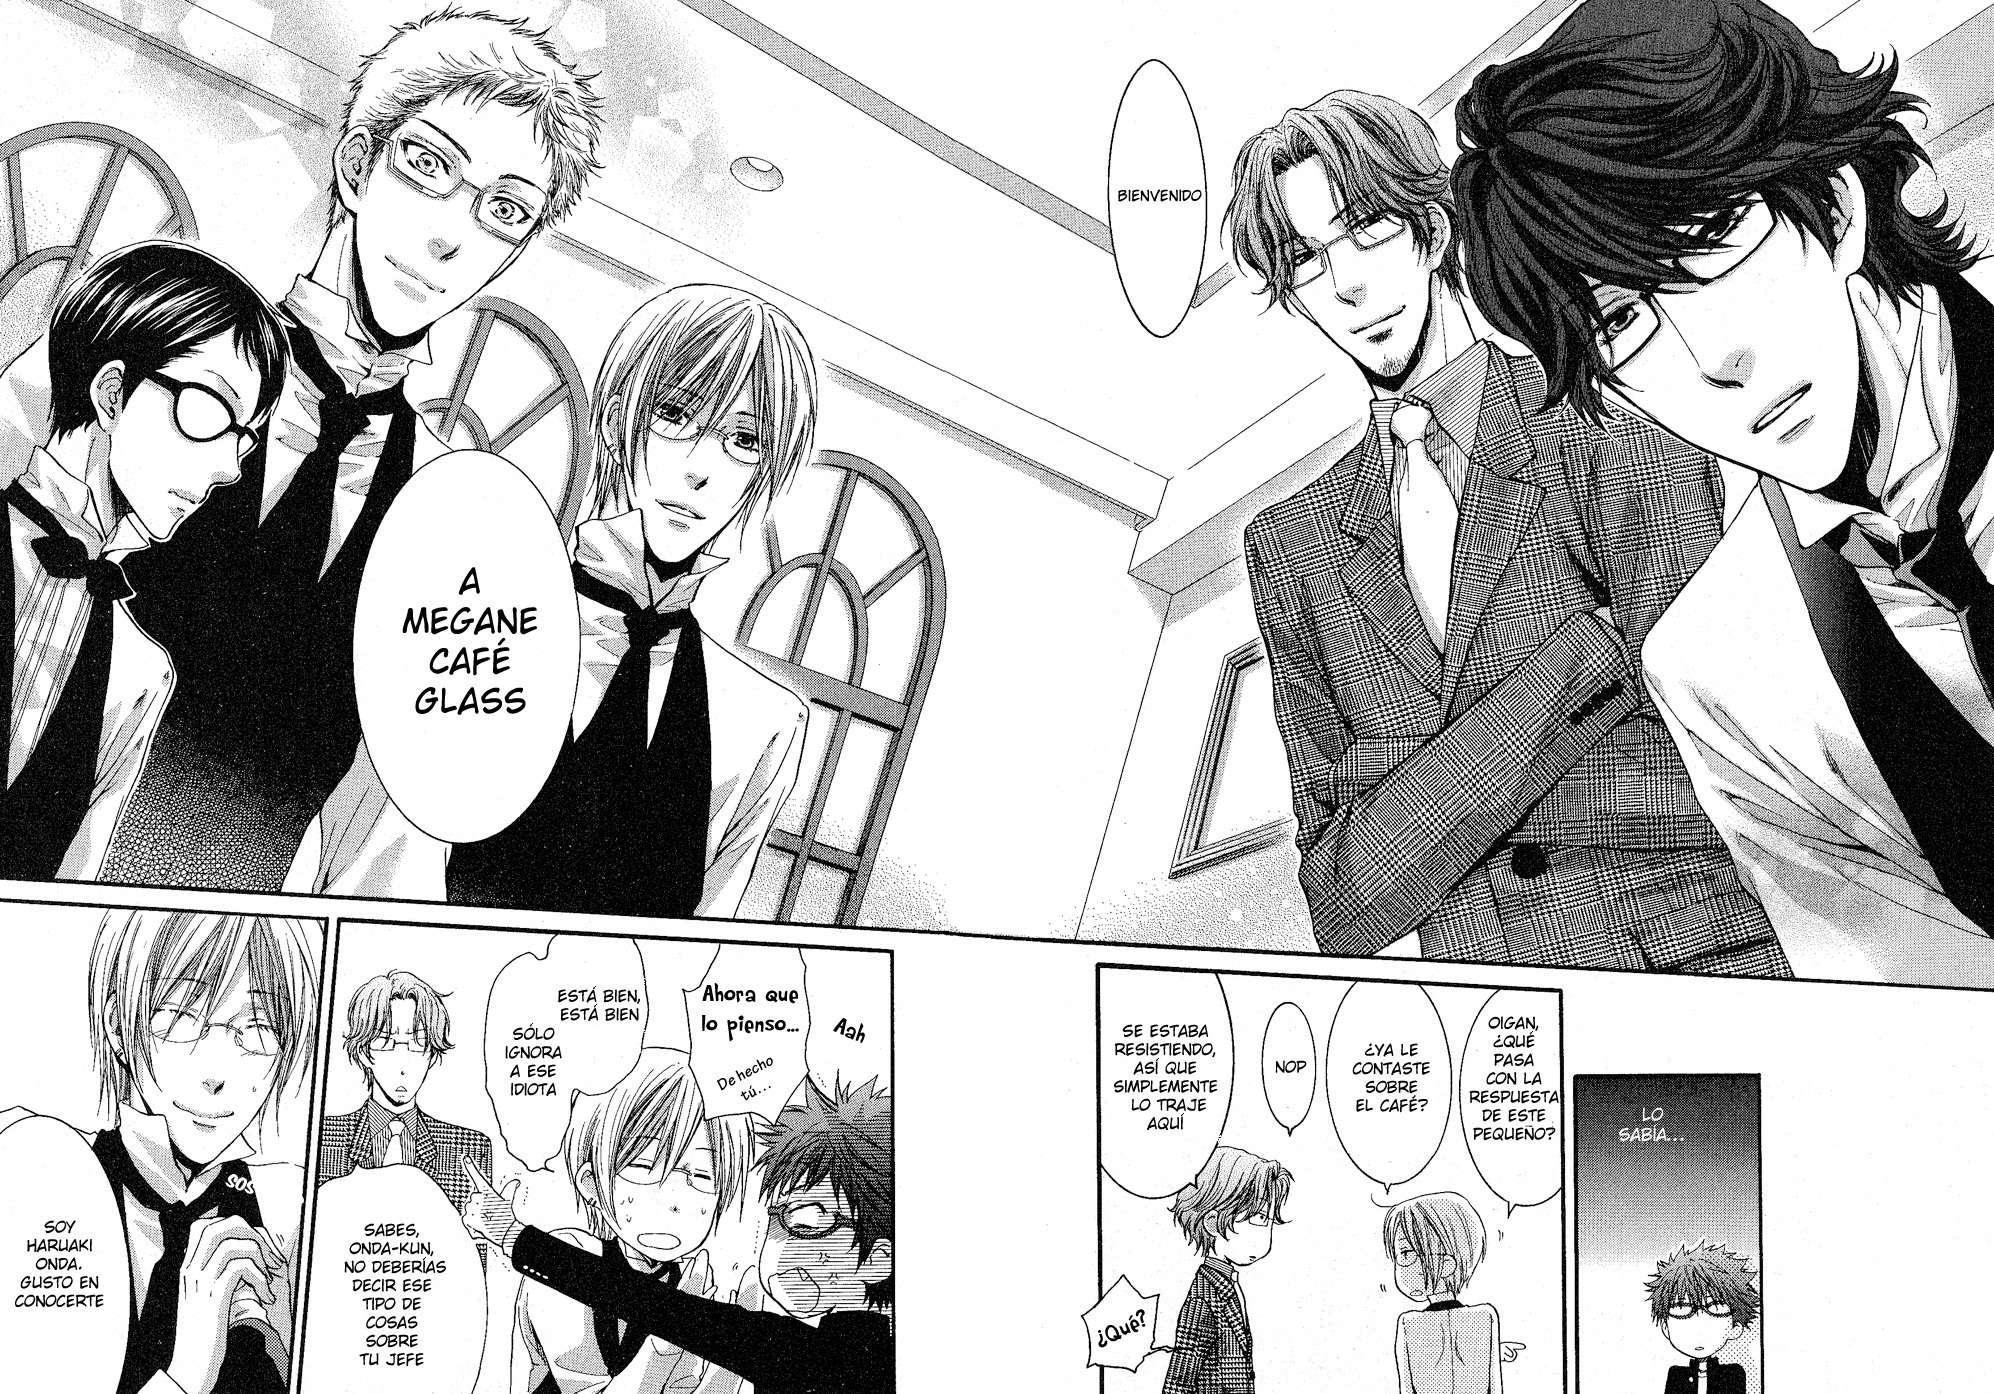 https://c5.ninemanga.com/es_manga/6/15814/378262/64ff30d936f1e1bd373f36684ca4eda4.jpg Page 37